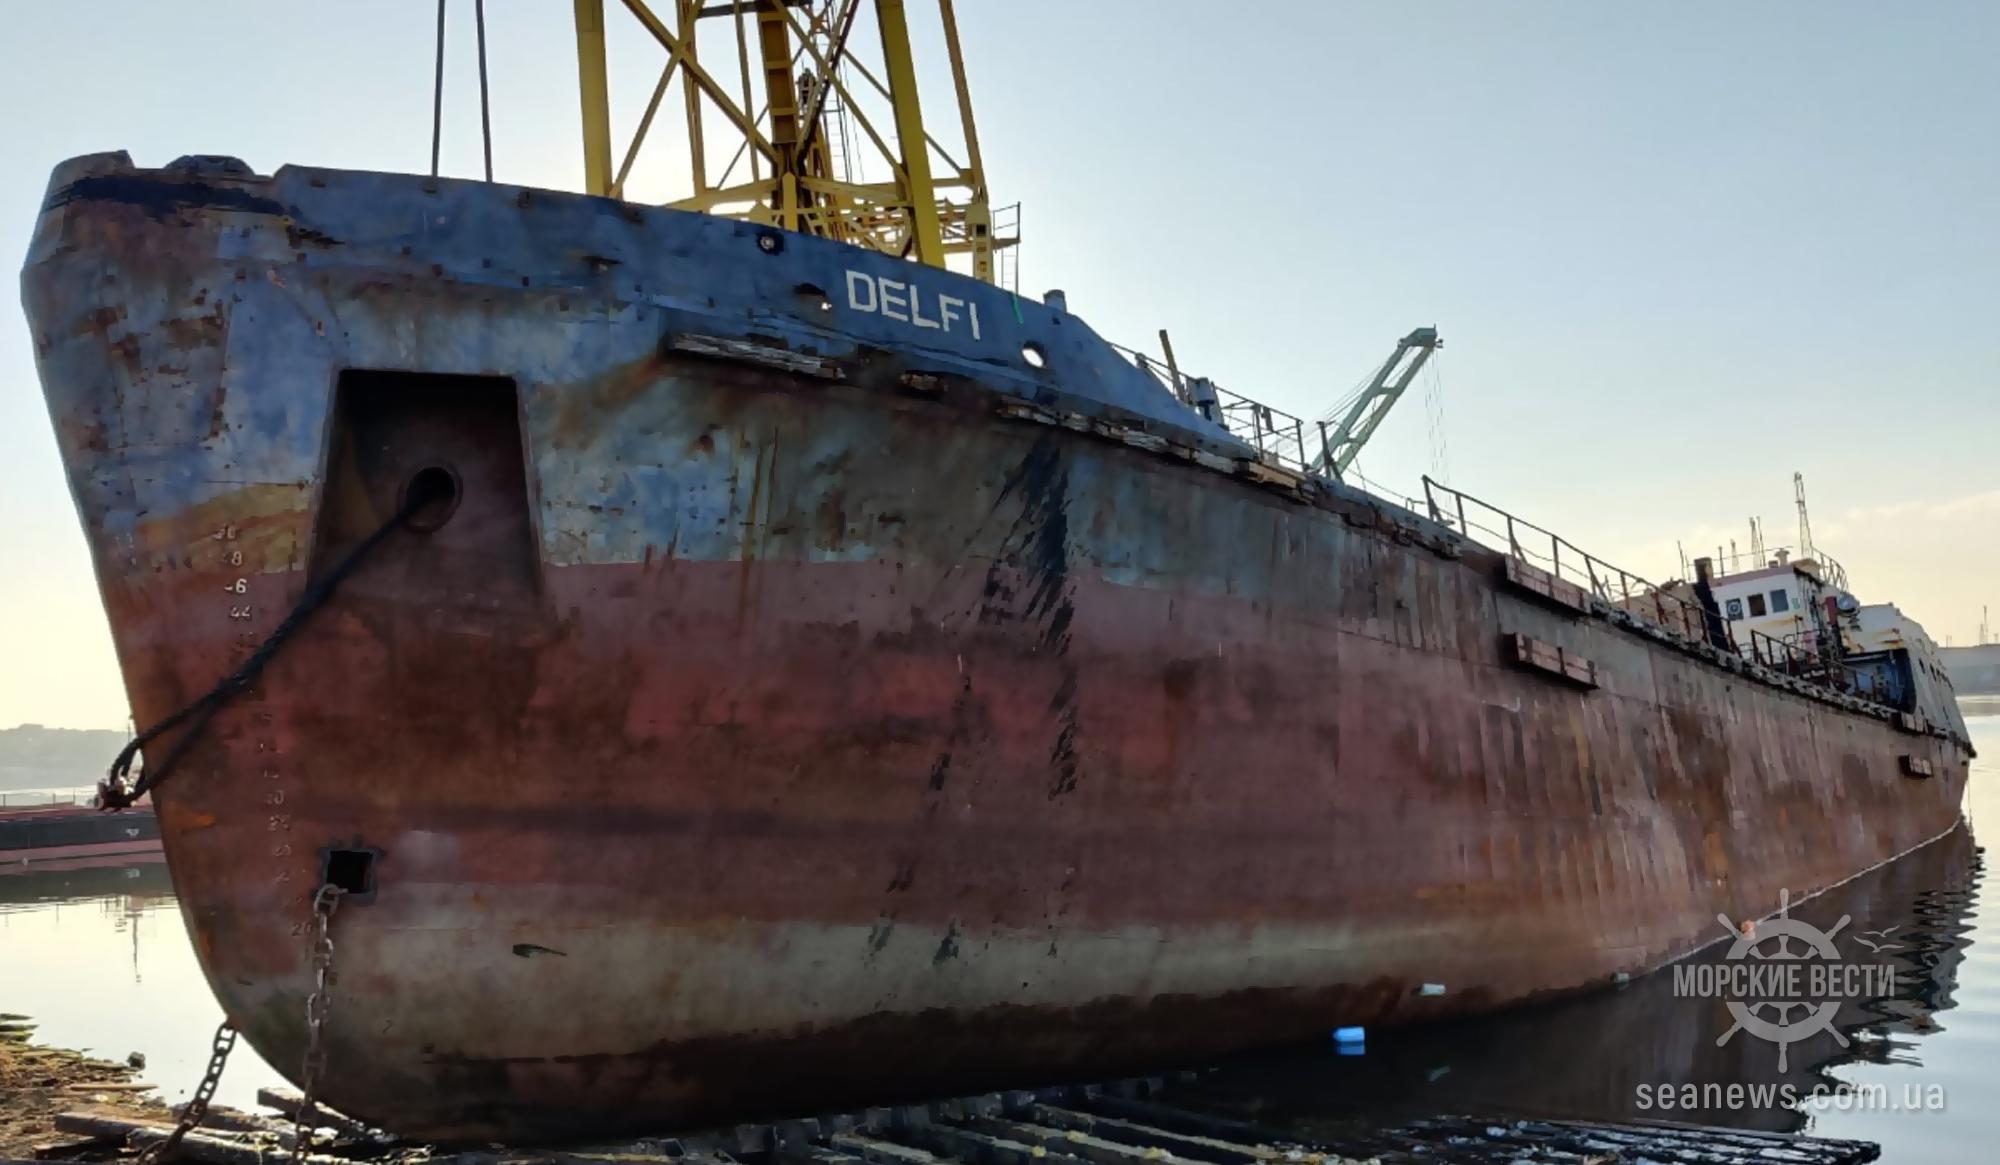 Волна судна «Delfi»: Экс-капитана порта «Южный» подозревают в служебной халатности